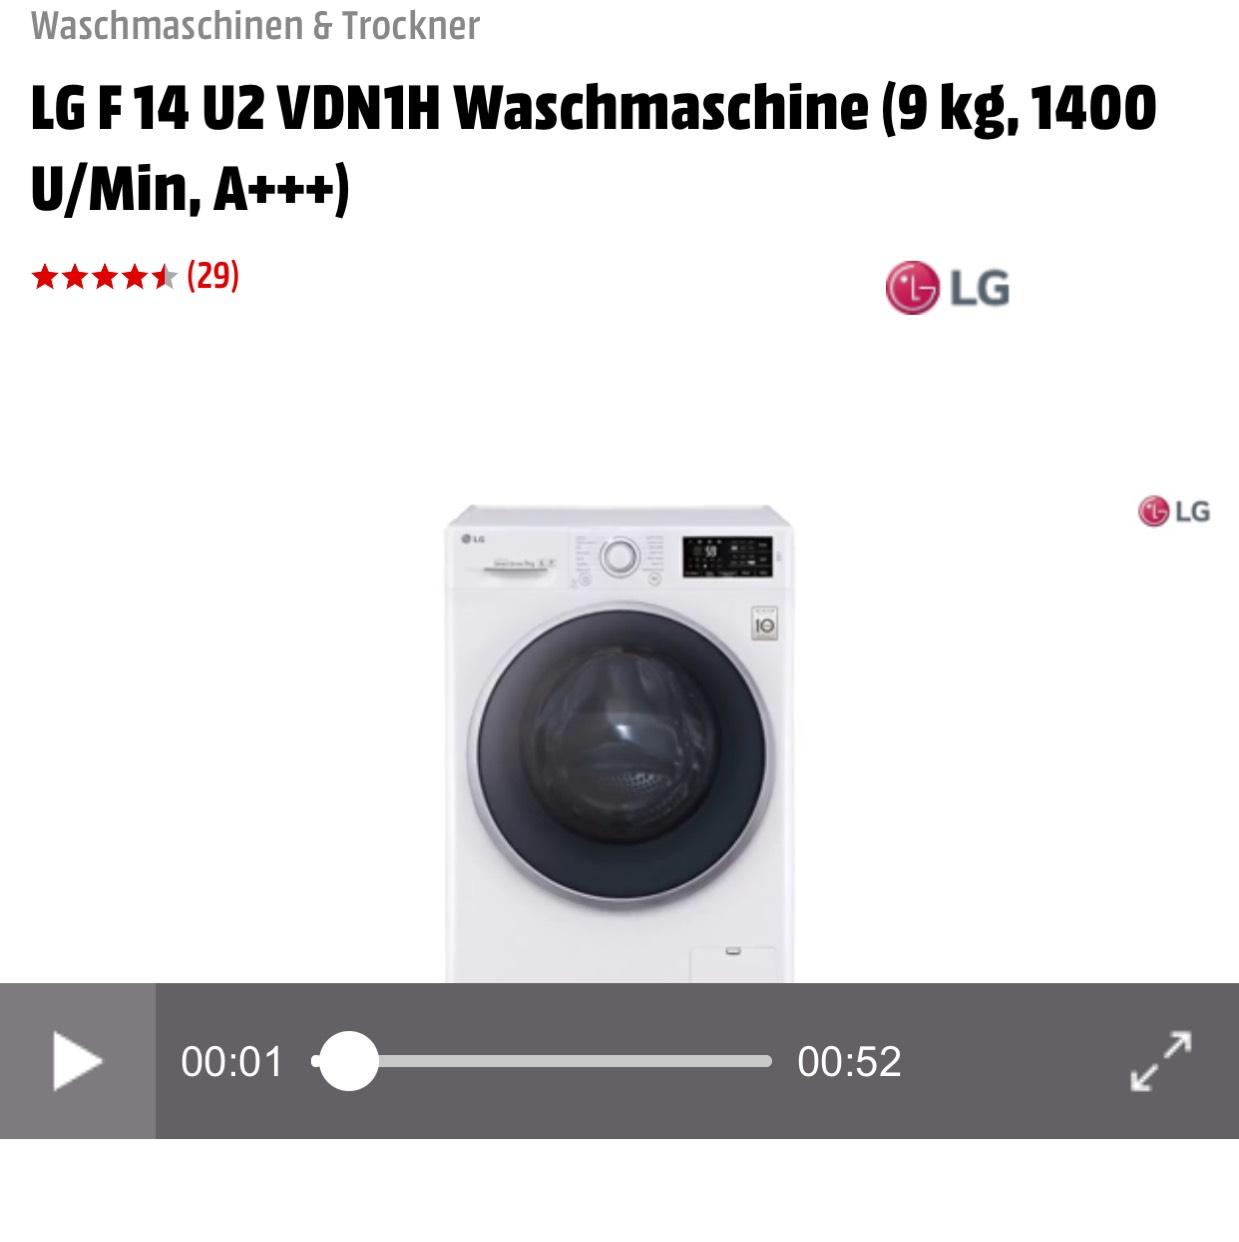 Wieder da bei Mediamarkt LG F 14 U2 VDN1H Waschmaschine (9 kg, 1400 U/Min, A+++)